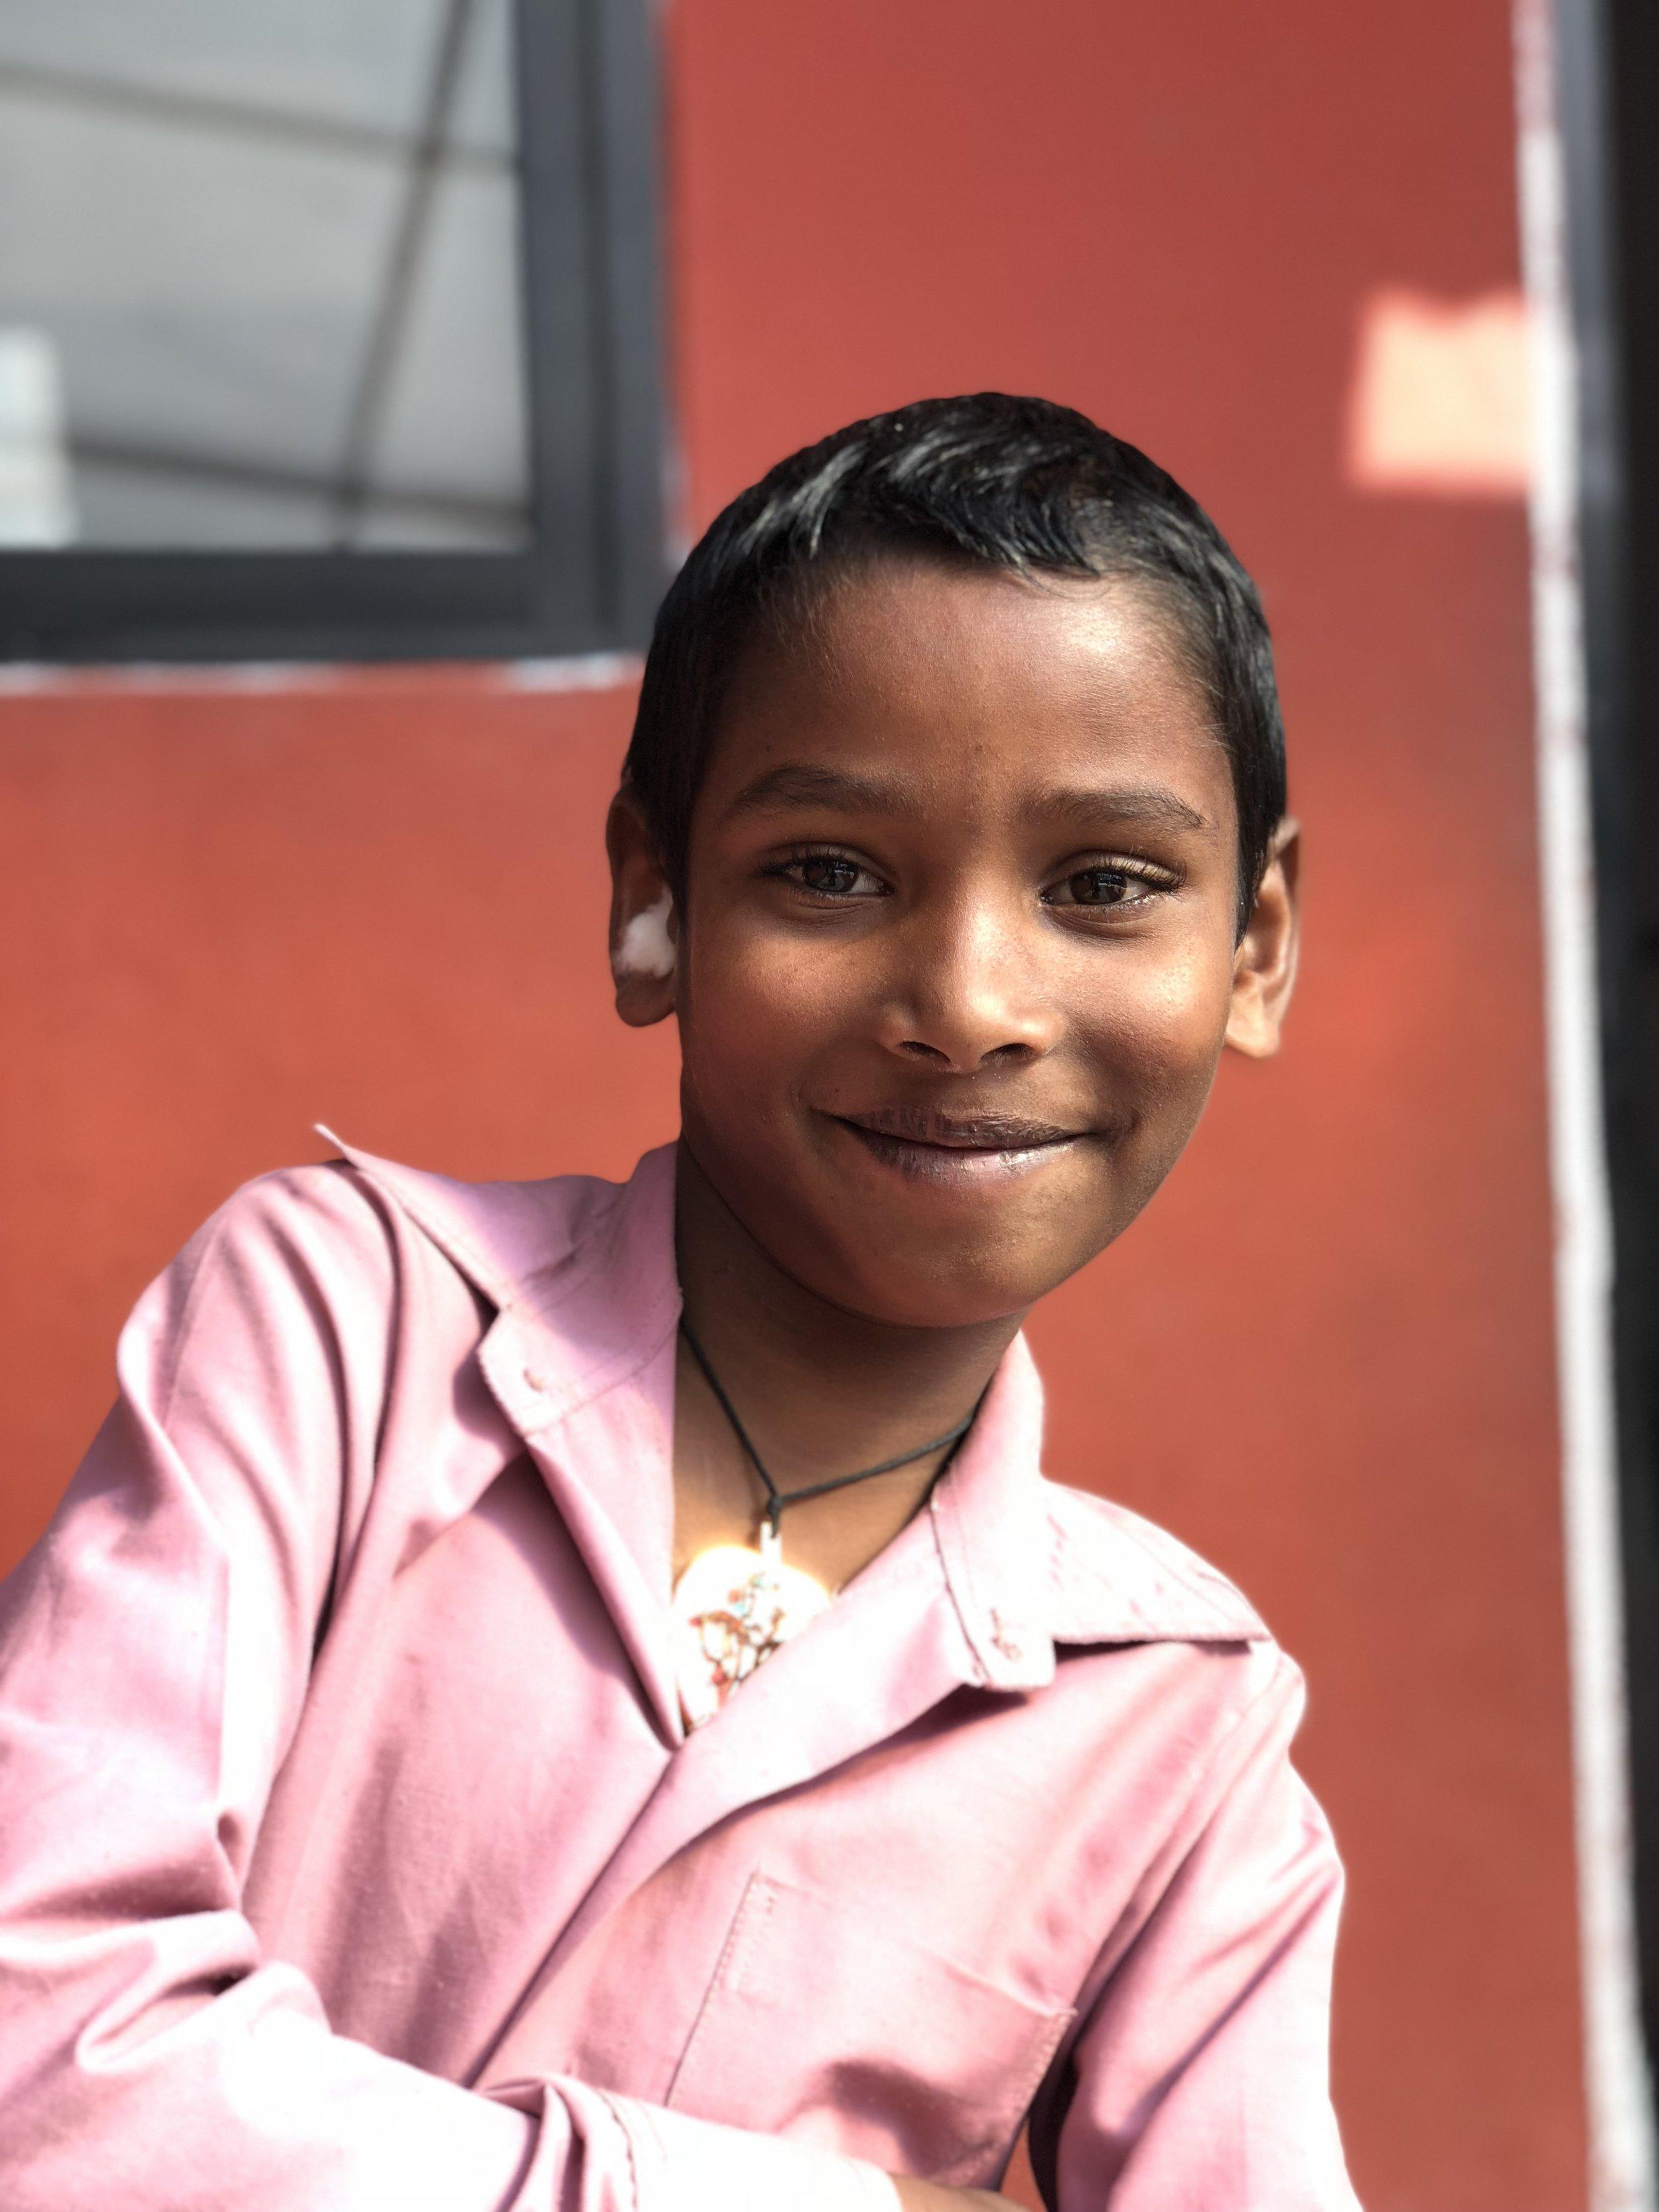 Rajkumar  Age 11  He wants to become a pilot